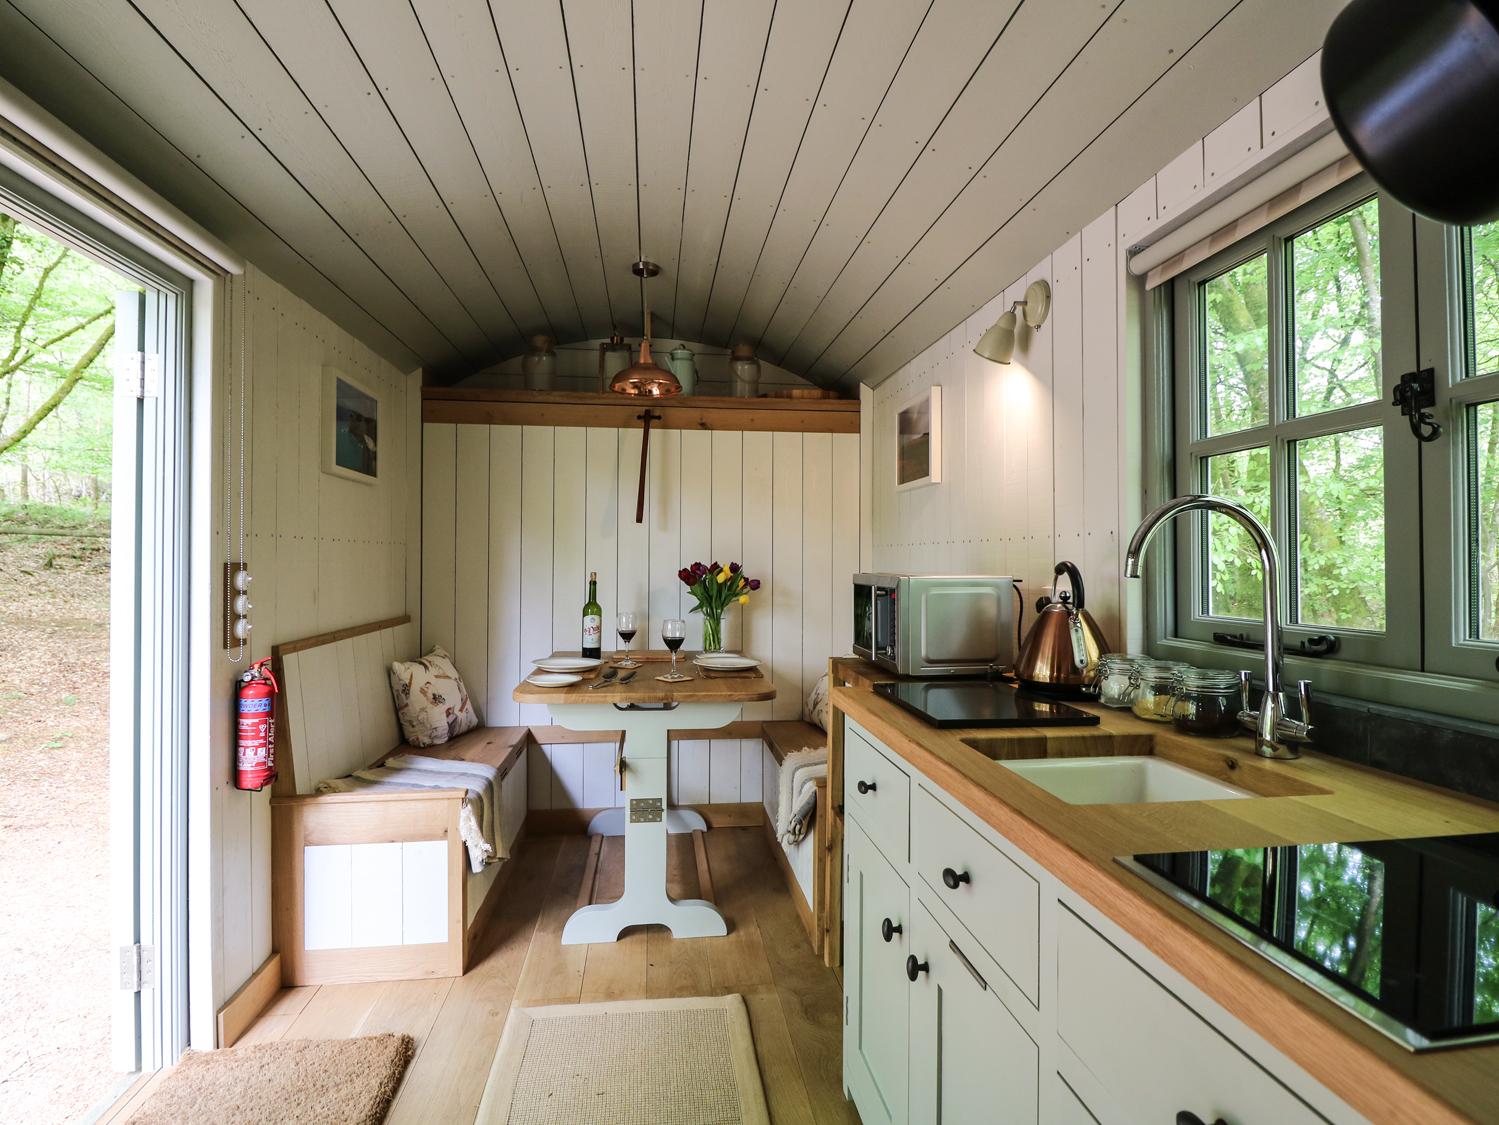 Rock View Shepherd's Hut